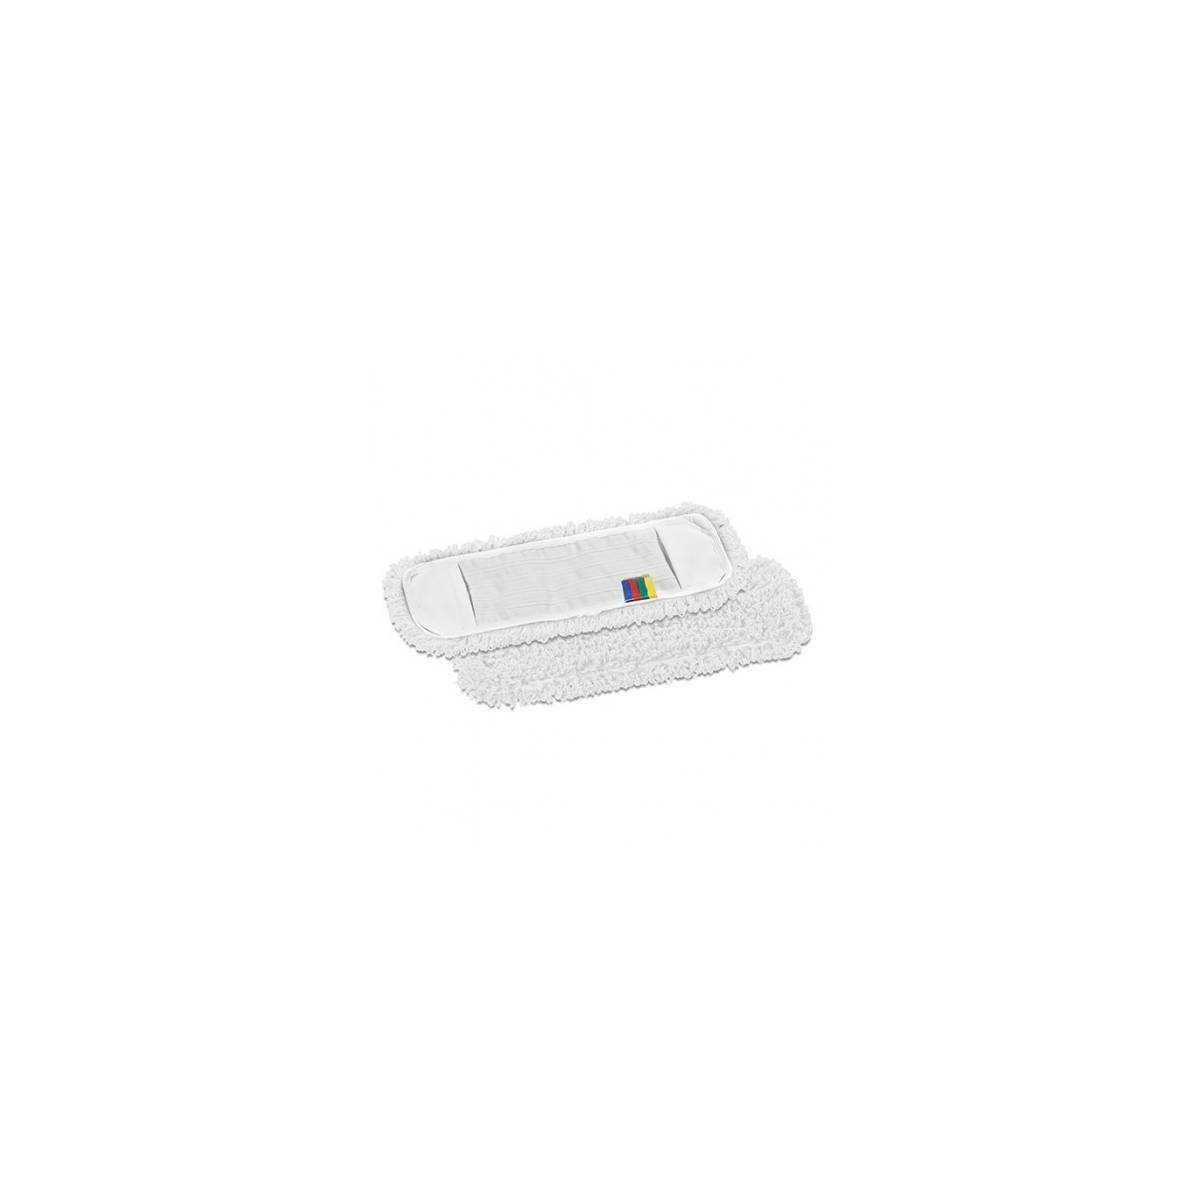 Моп Microriccio Blik микрофибра с карманами 40см (Цвет белый) 476 TTS